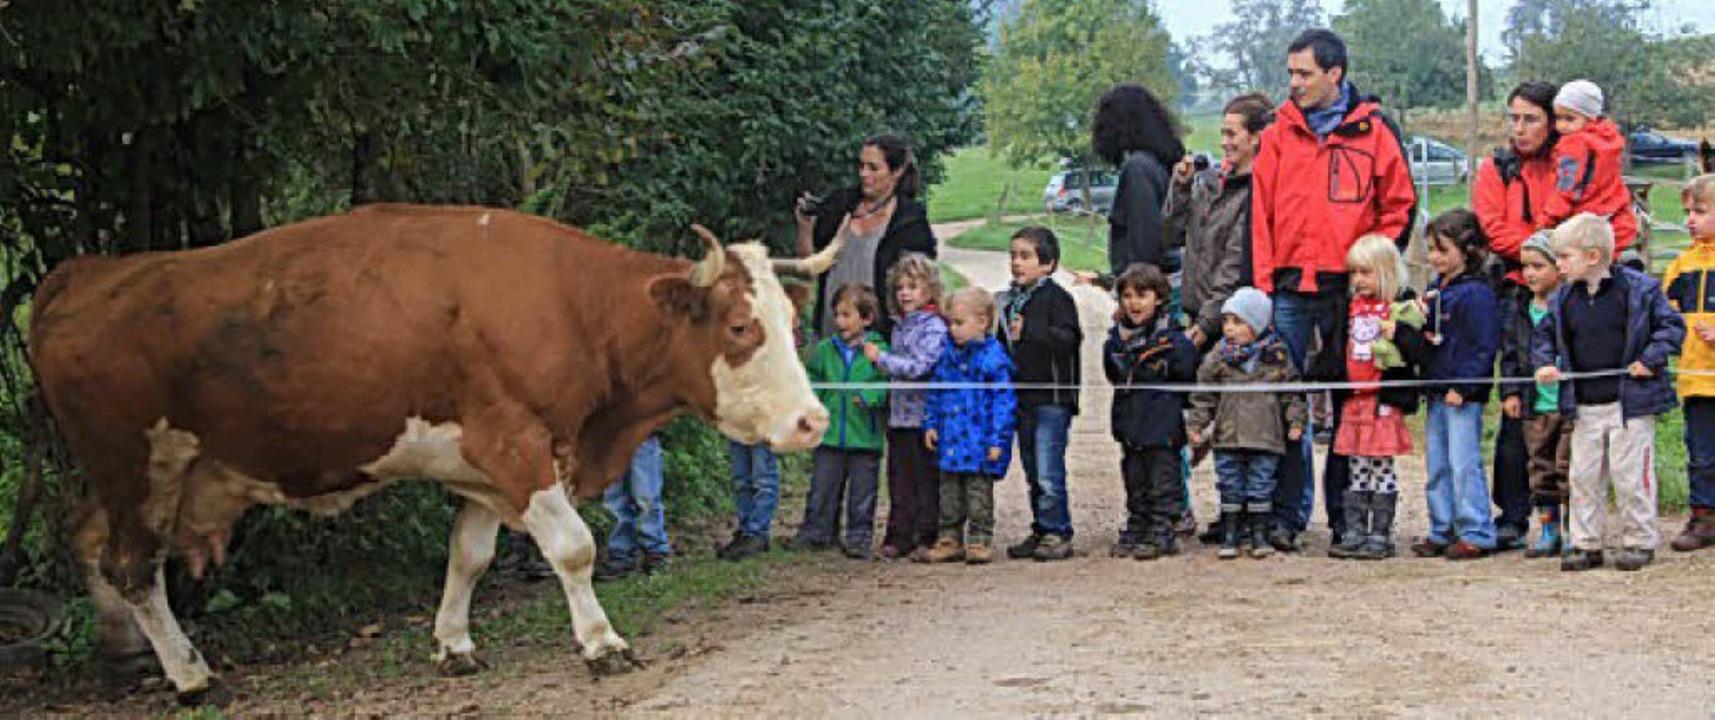 Beim monatlichen Bauernhoftag in Maulb...en die Kinder Landwirtschaft hautnah.   | Foto:  privat